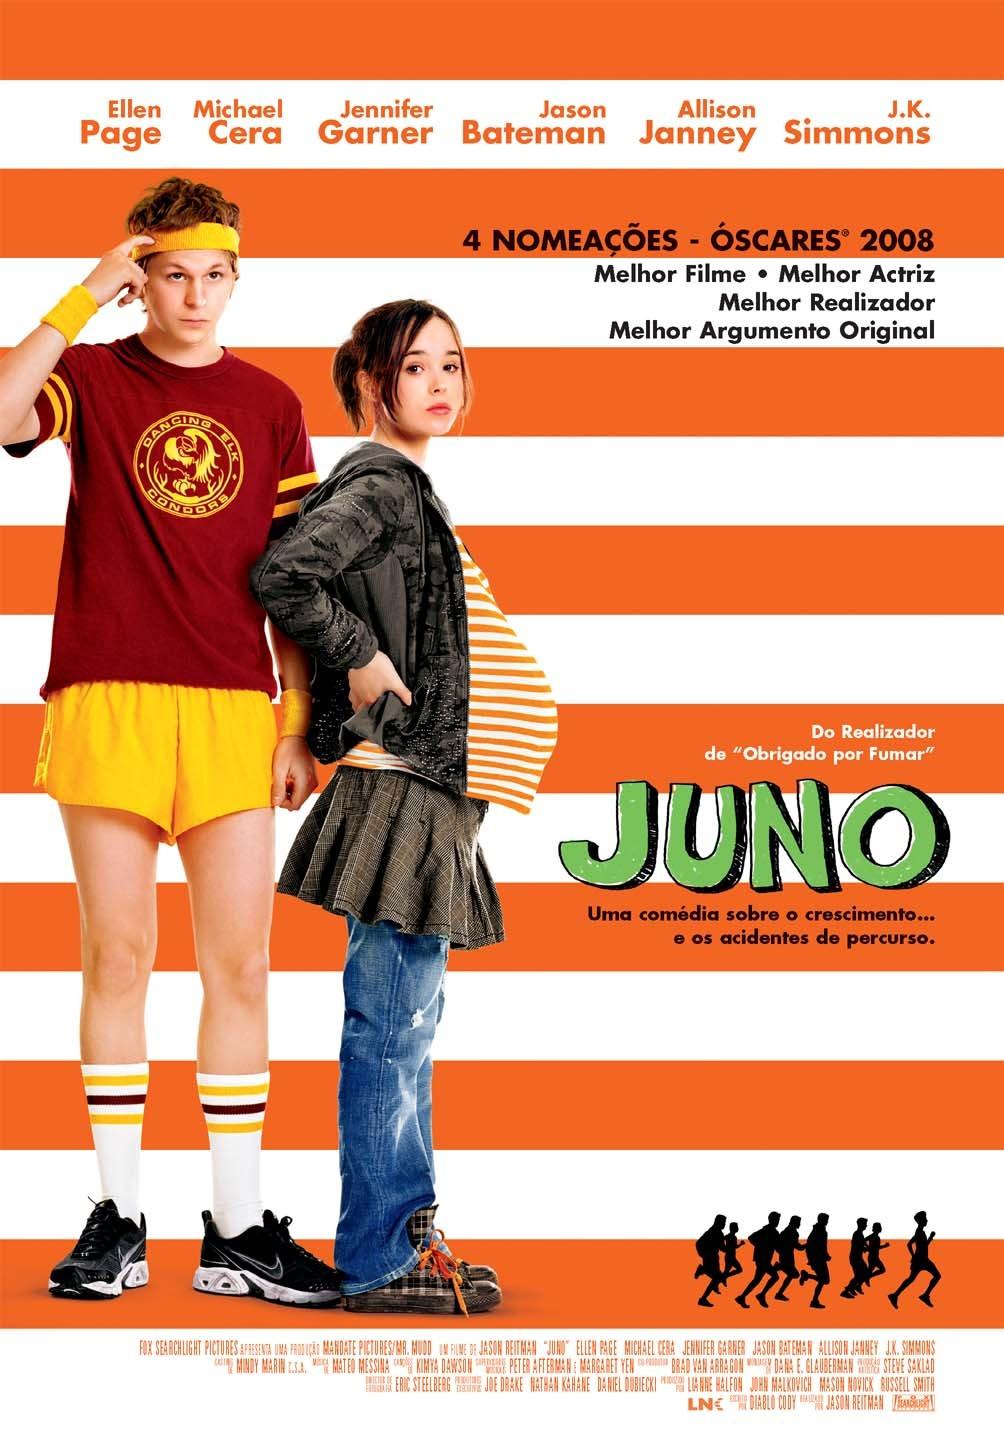 8-filmes-educativos-juno